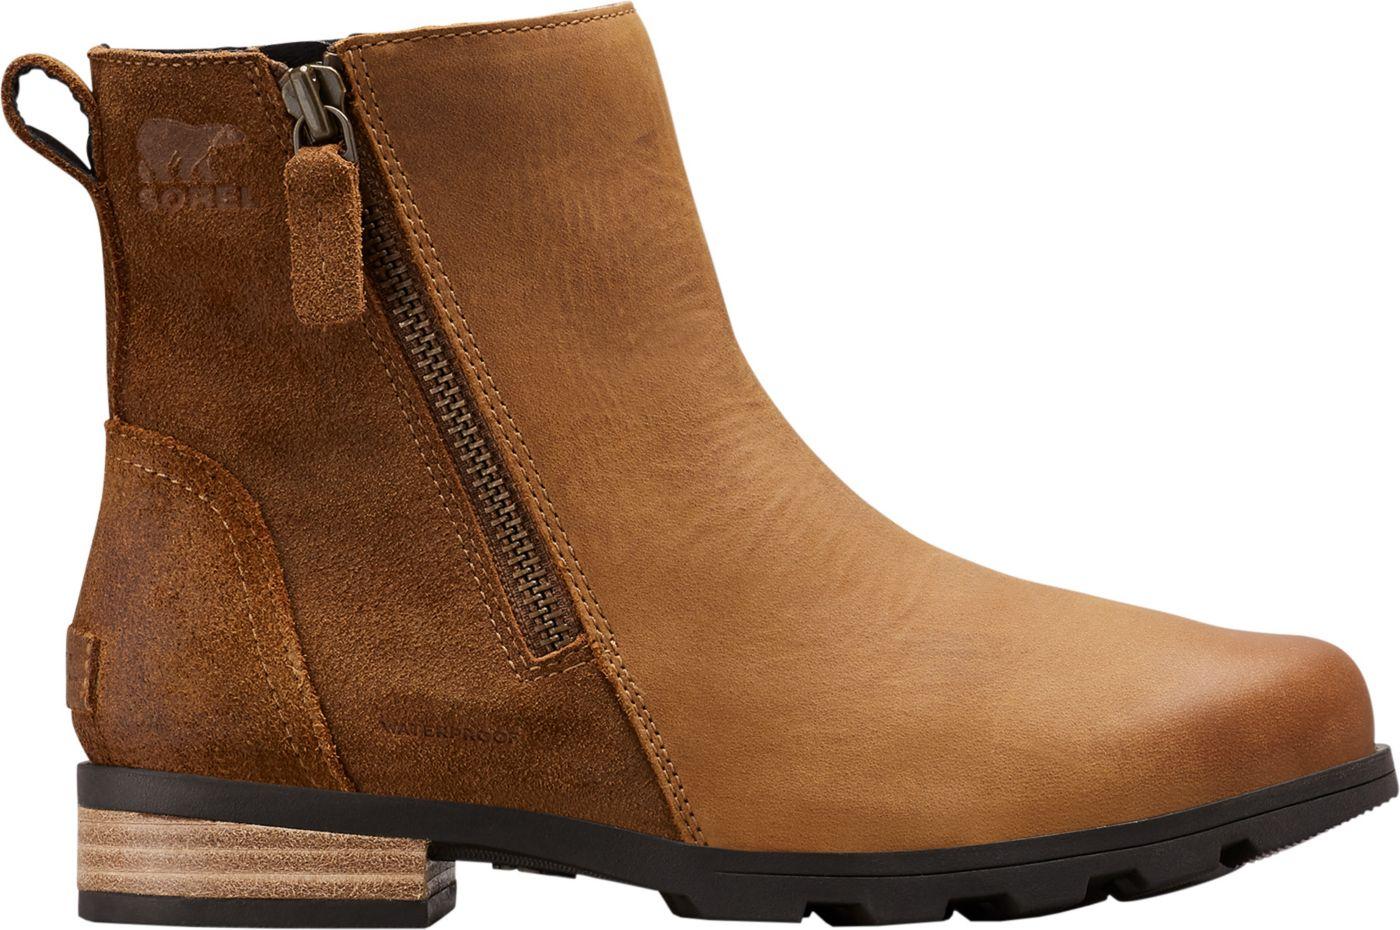 SOREL Women's Emelie Zip Waterproof Casual Boots